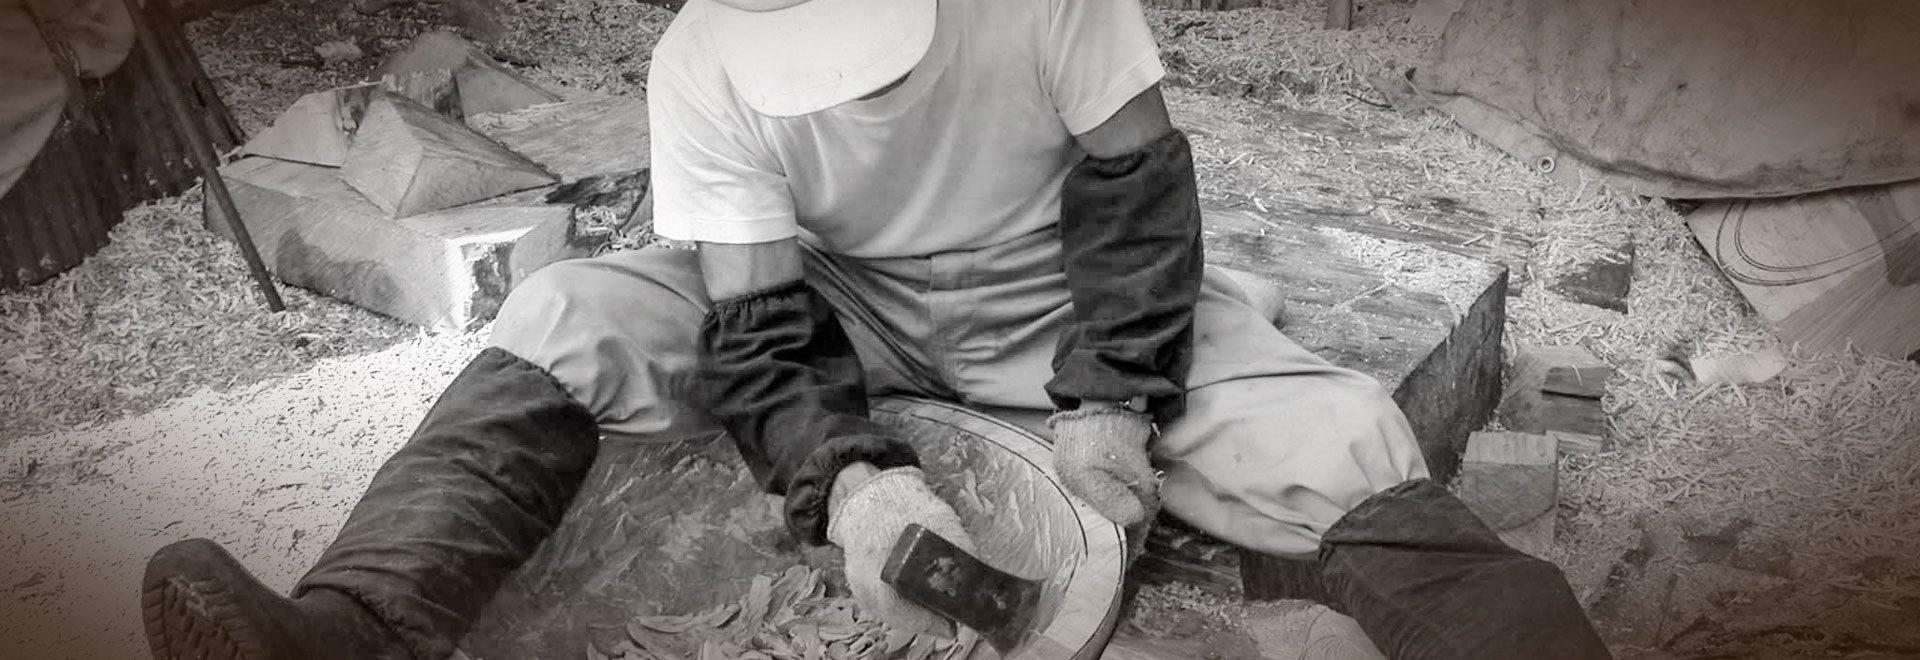 一つ一つ原木を余すことなく、木を見極めながら作る職人の一品